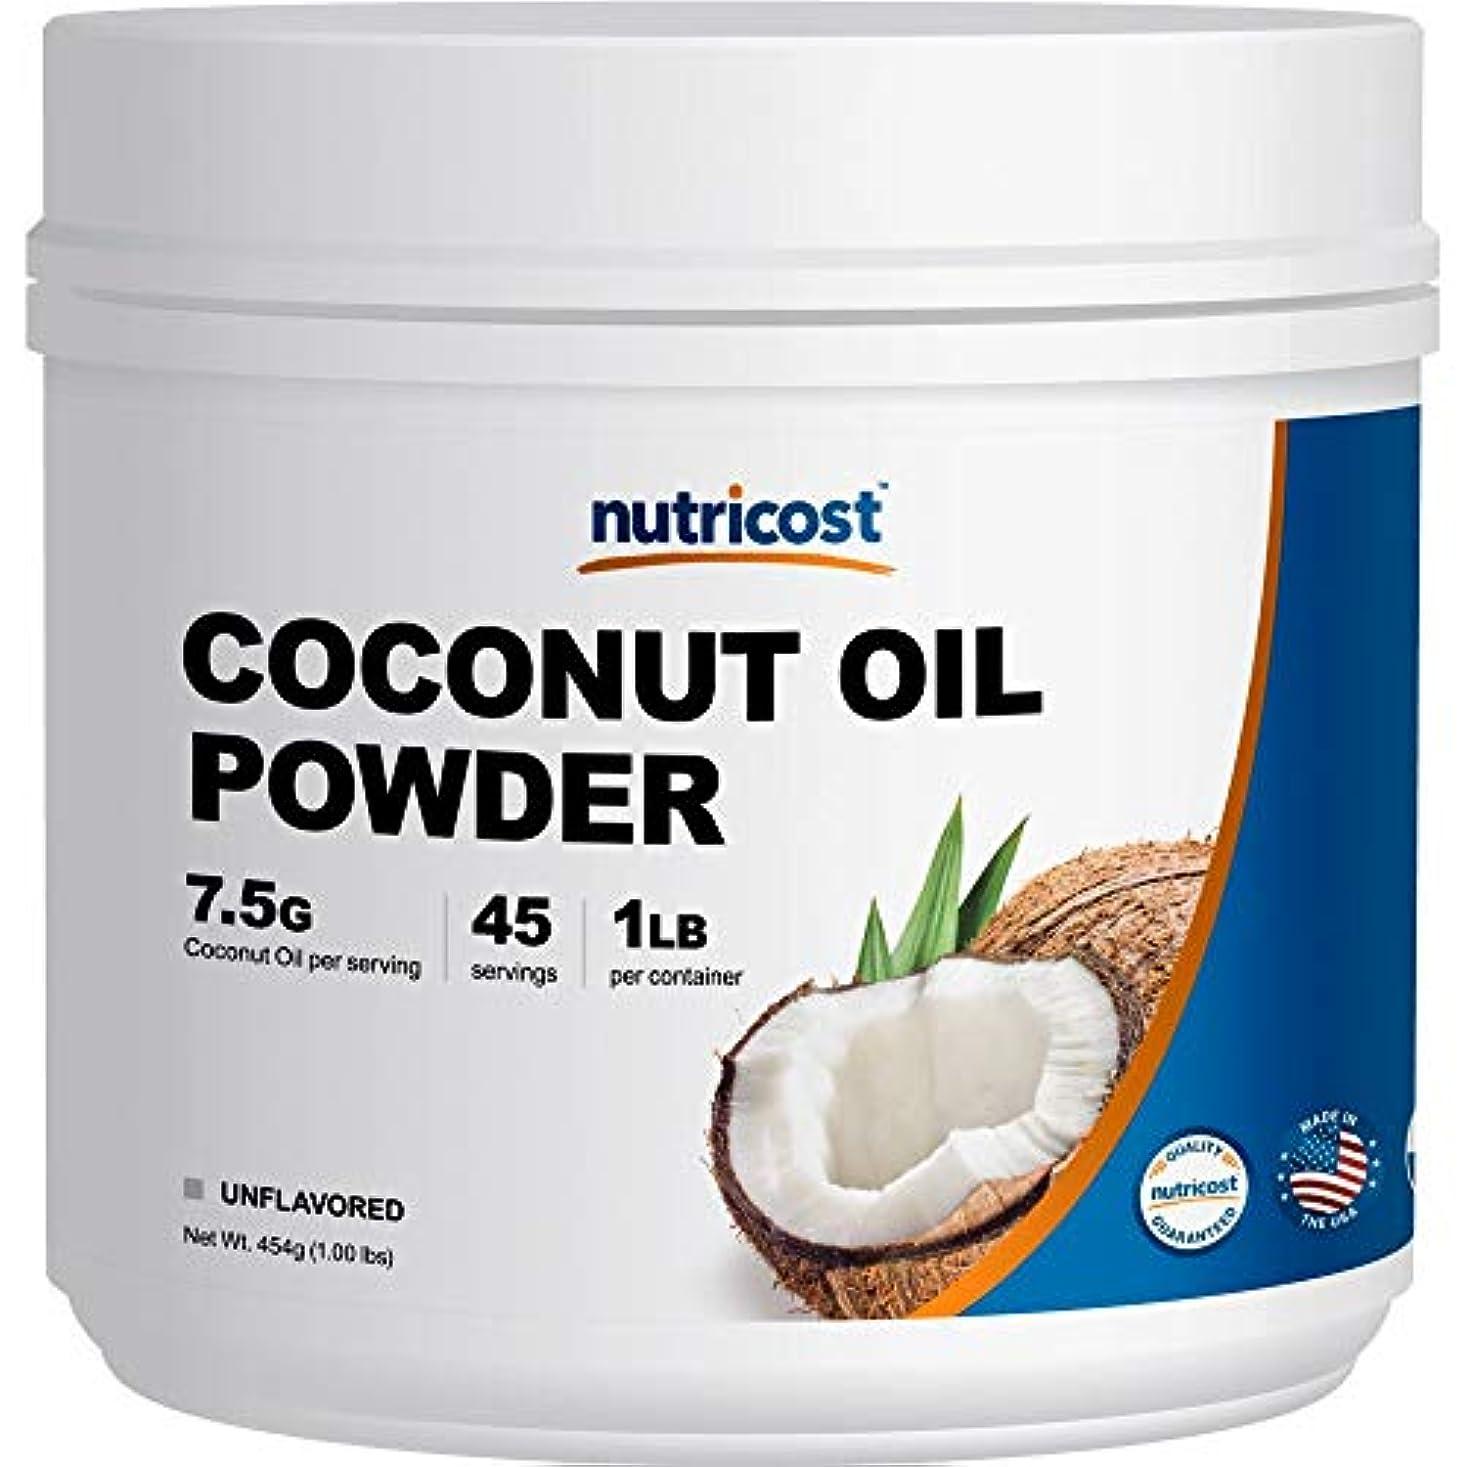 略奪心のこもったちなみにNutricost ココナッツオイルパウダー 1LB、45食分、非GMO、グルテンフリー